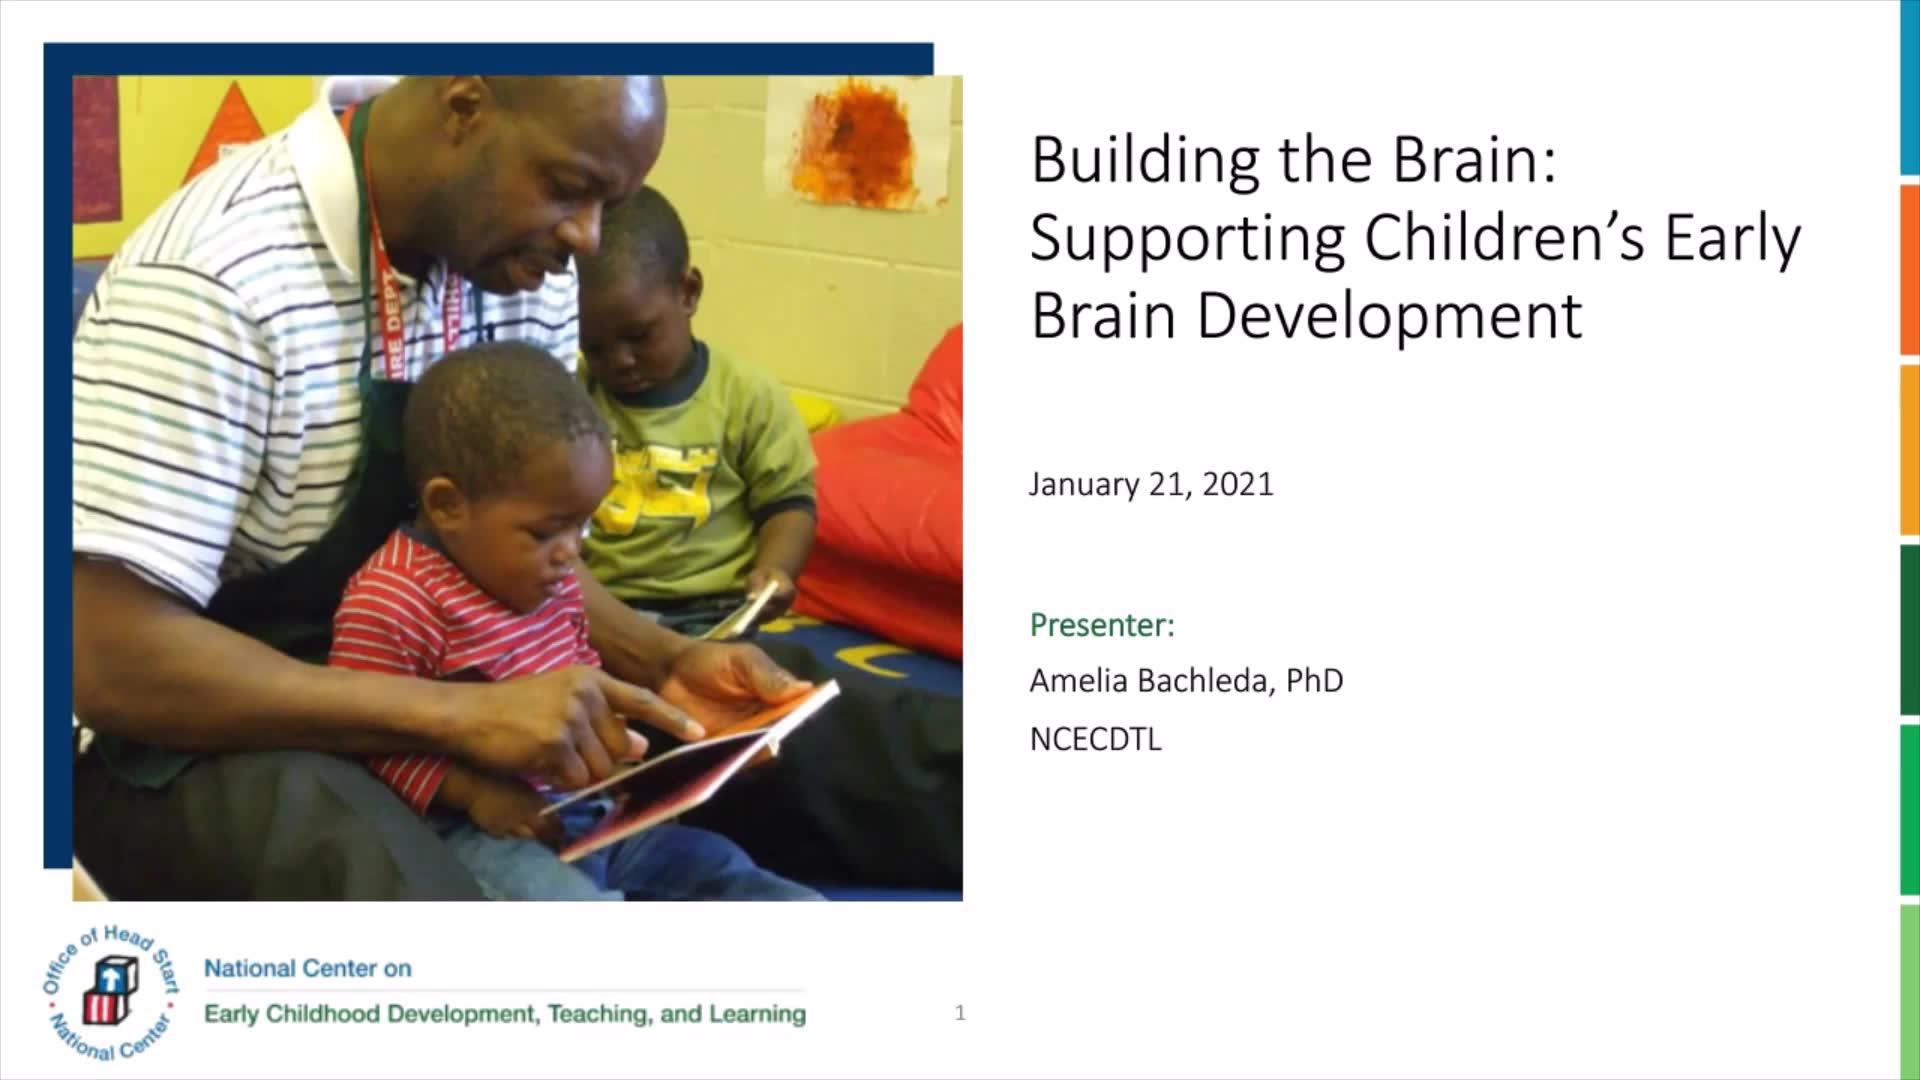 Formación del cerebro: Apoyo al desarrollo temprano del cerebro en los niños